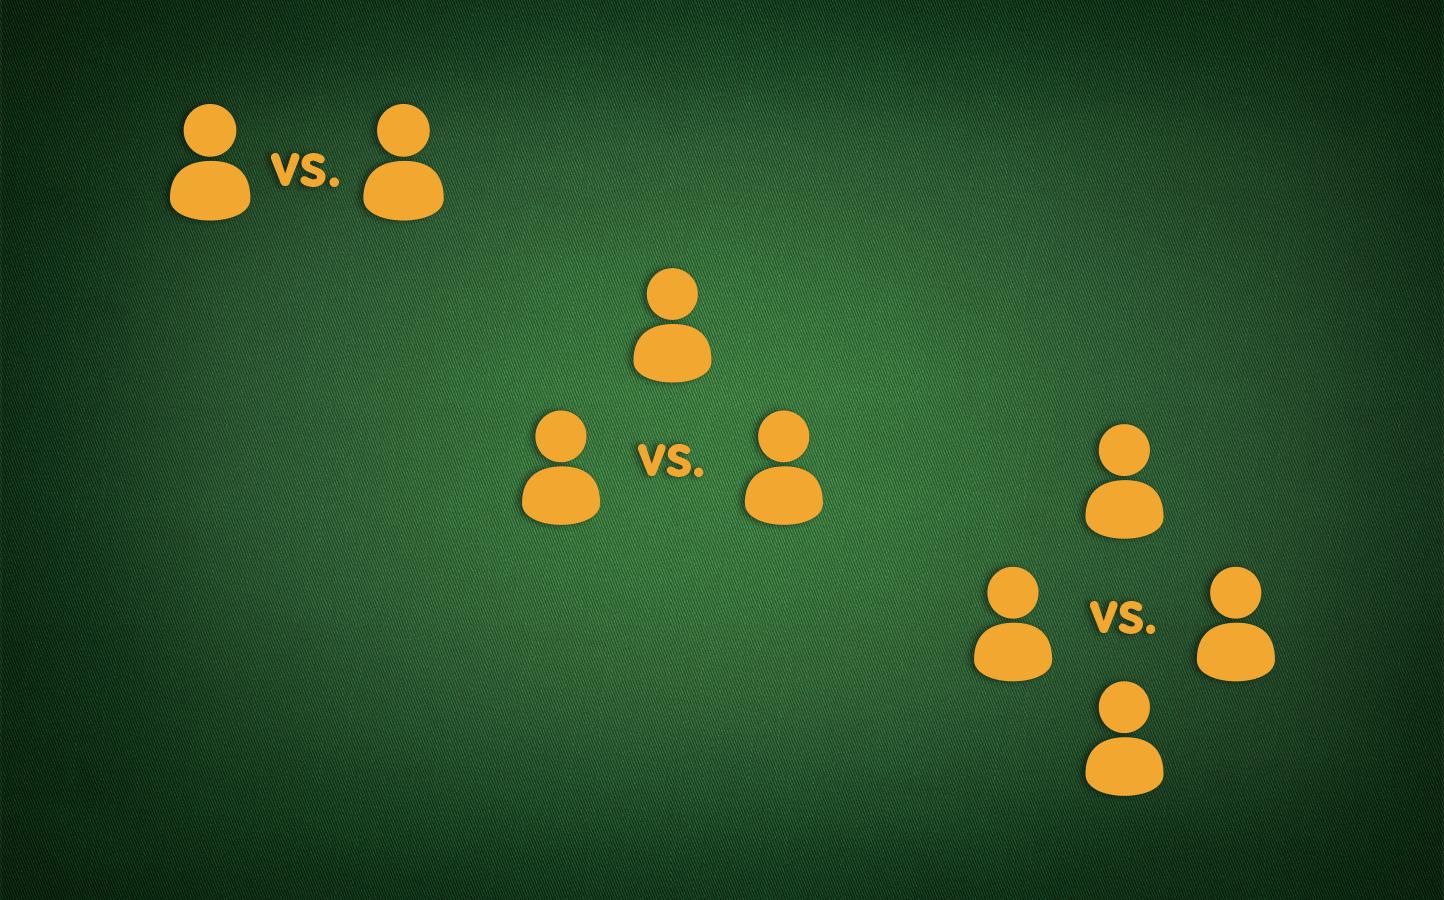 Lektion 3: Deine Rommé-Mitspieler und ihre Anzahl